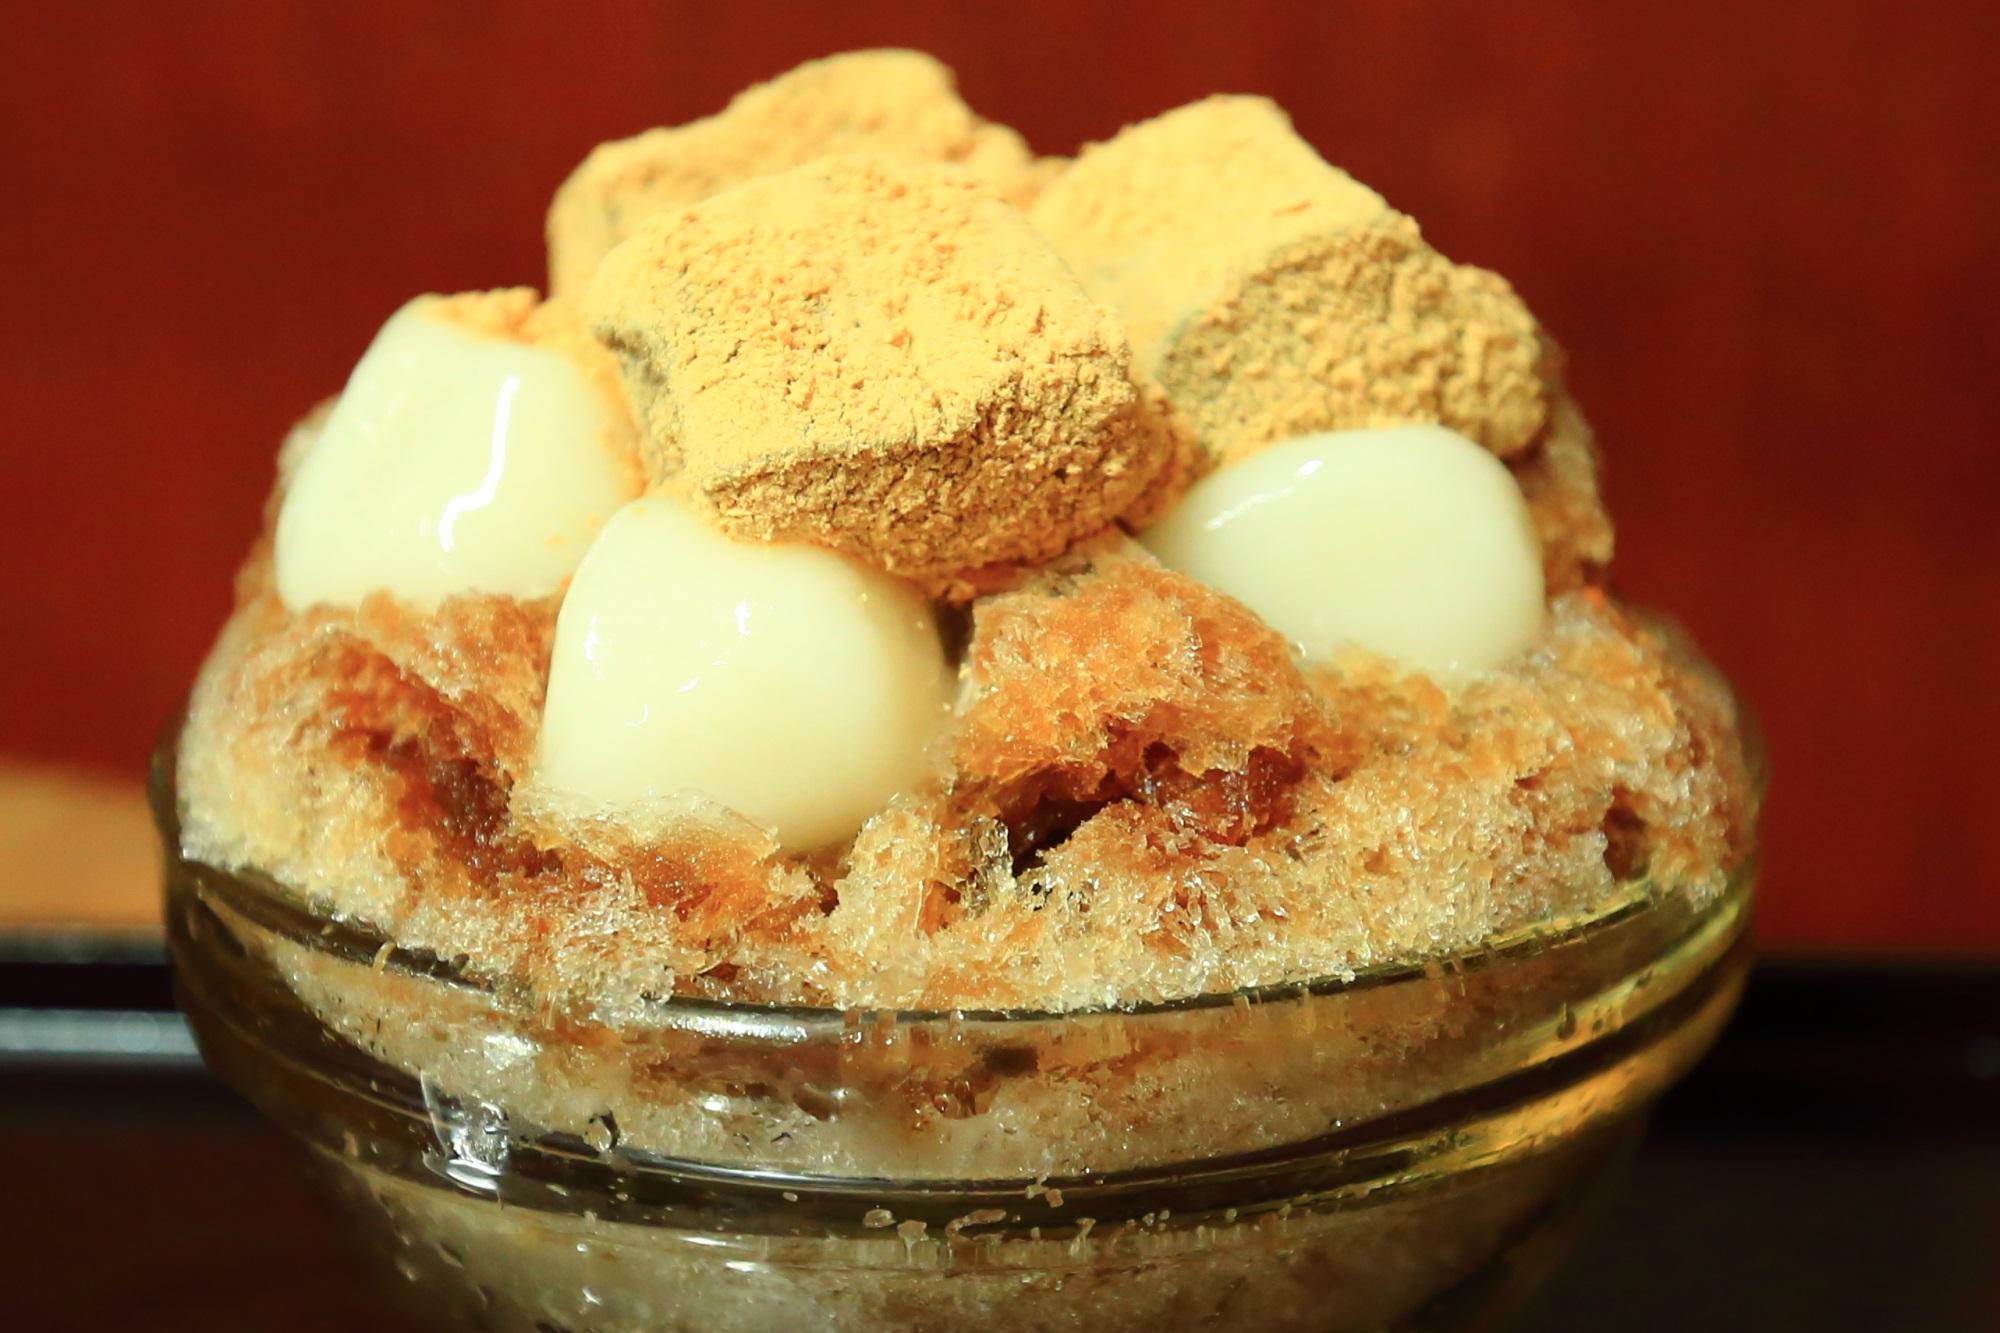 京都の甘党茶屋梅園河原町店のかき氷(黒糖白玉+黒糖わらび餅)